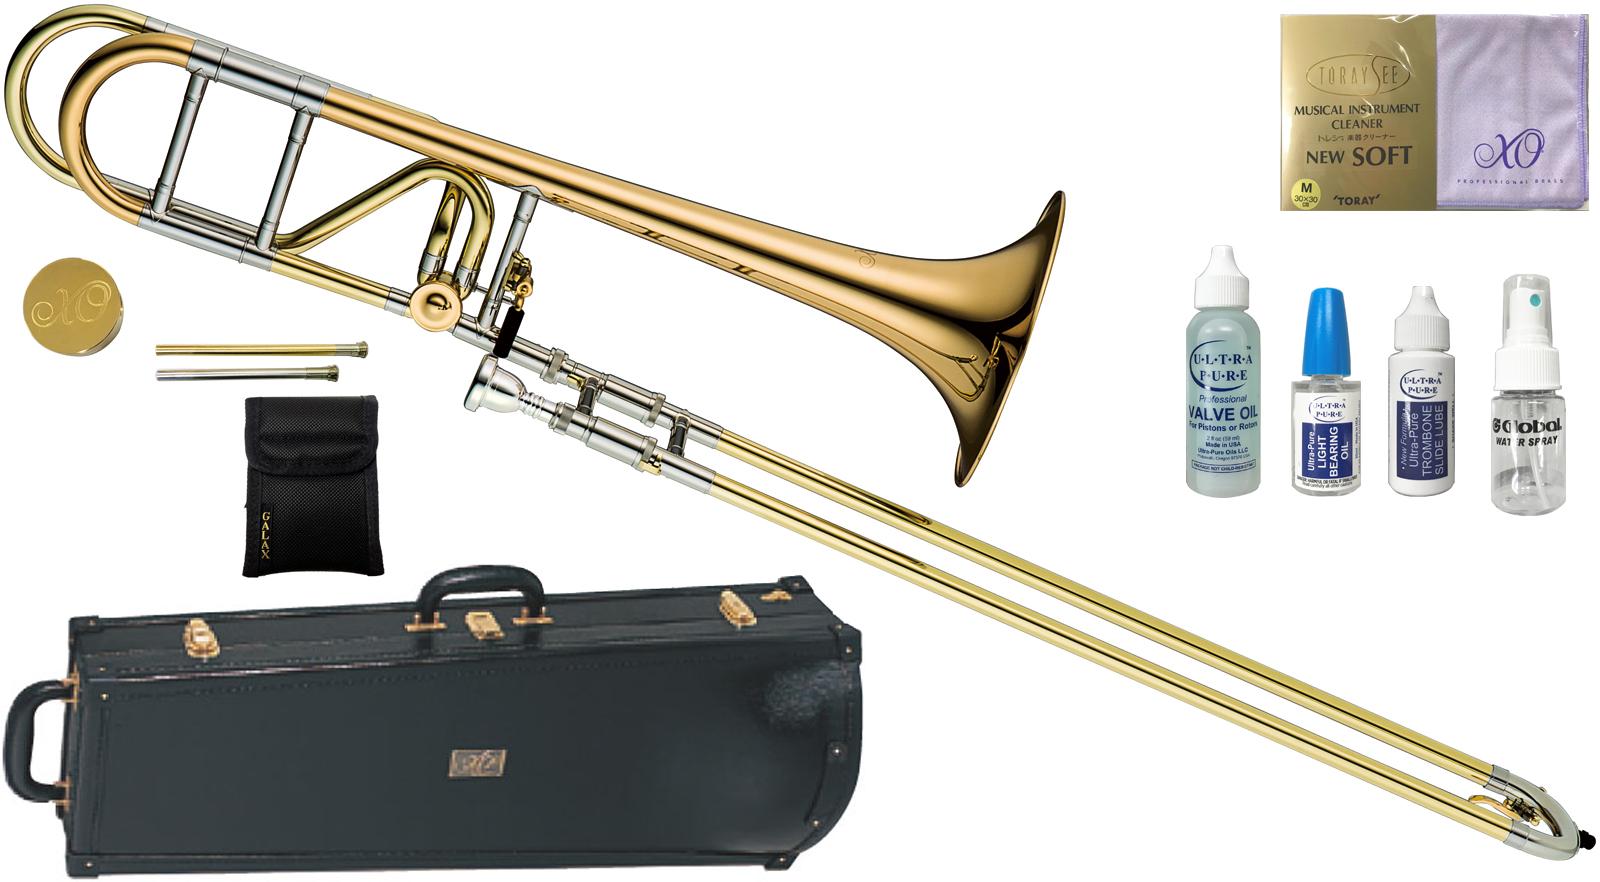 XO ( エックスオー ) 1236RL-O トロンボーン 新品 B♭/F管 テナーバストロンボーン オープンラップ ゴールドブラス 太管 ロータリーバルブ Tenor Bass Trombones UT-GB 送料無料